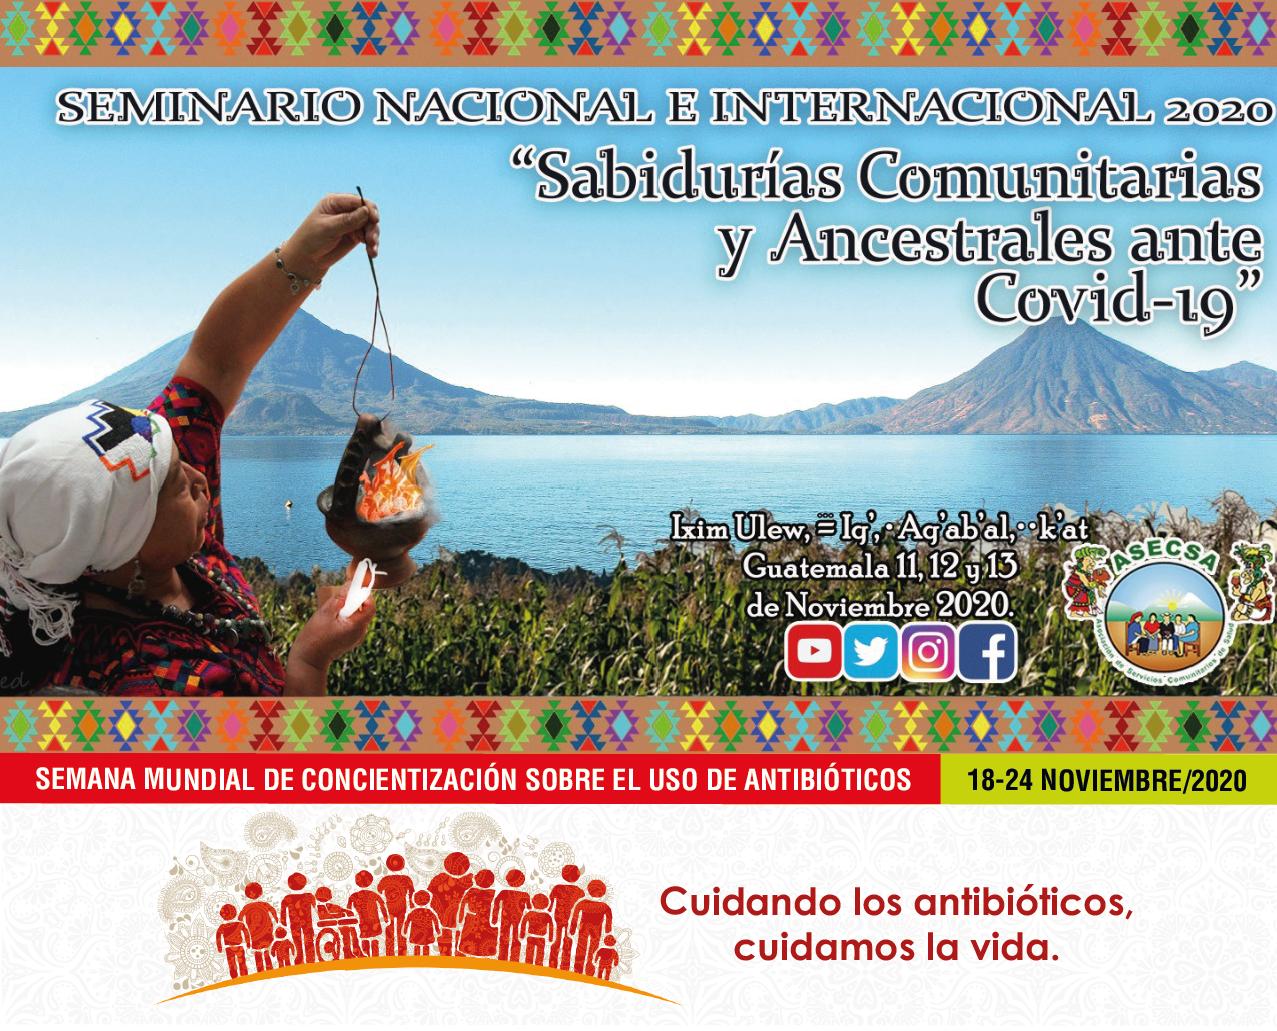 Sabiduría Comunitaria, COVID-19, Resistencia a los Antibióticos y Salud de la Madre Tierra